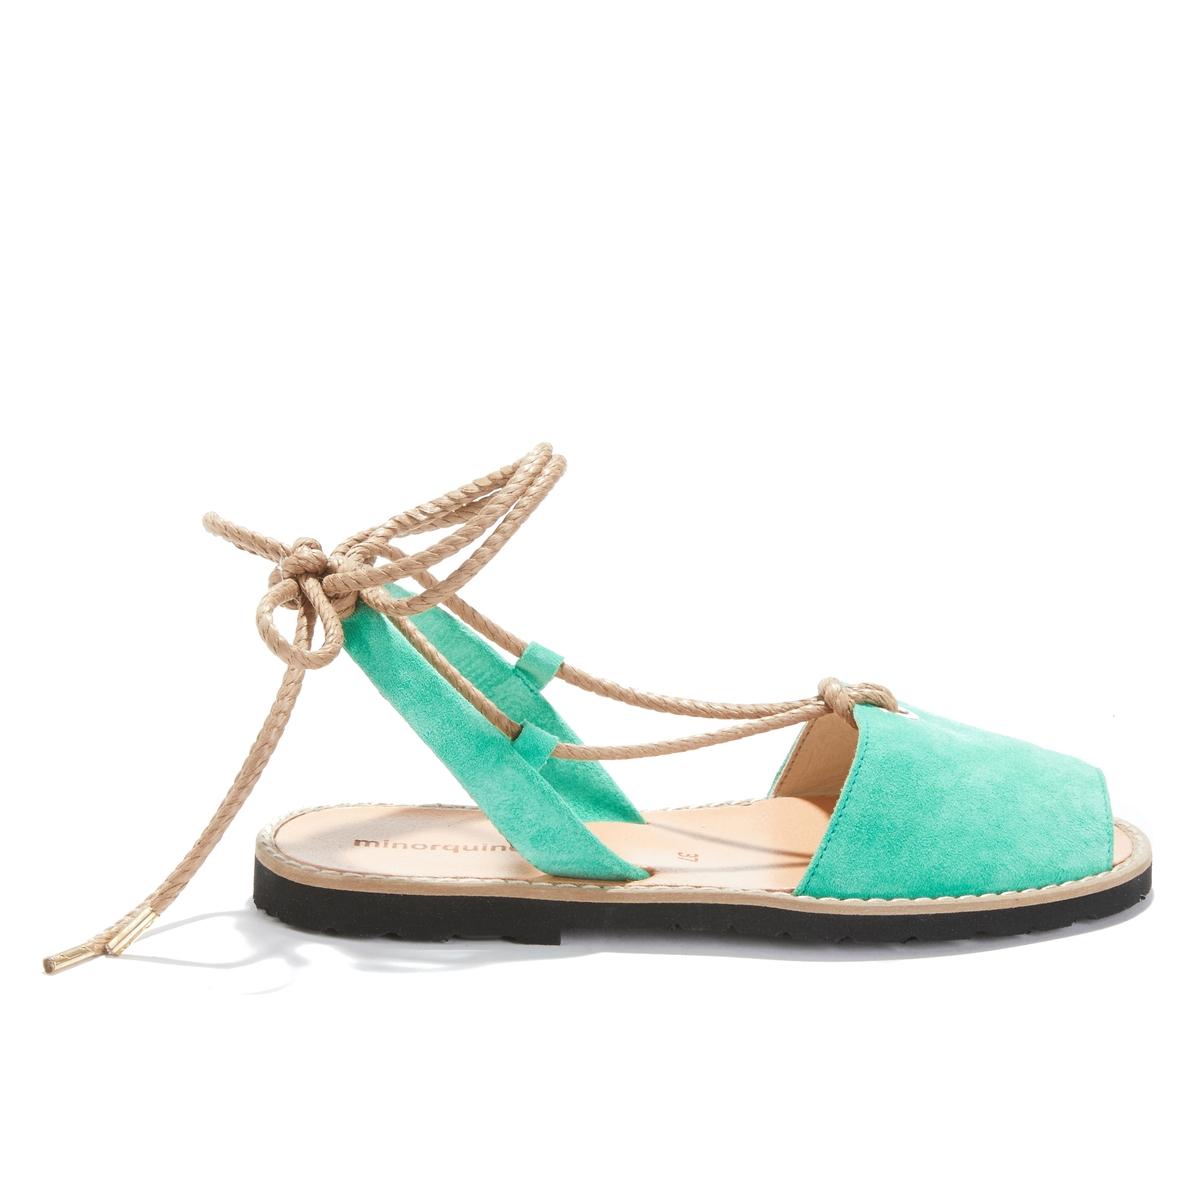 Босоножки La Redoute Кожаные на плоском каблуке Avarca Formentera Emeraude 37 зеленый цены онлайн